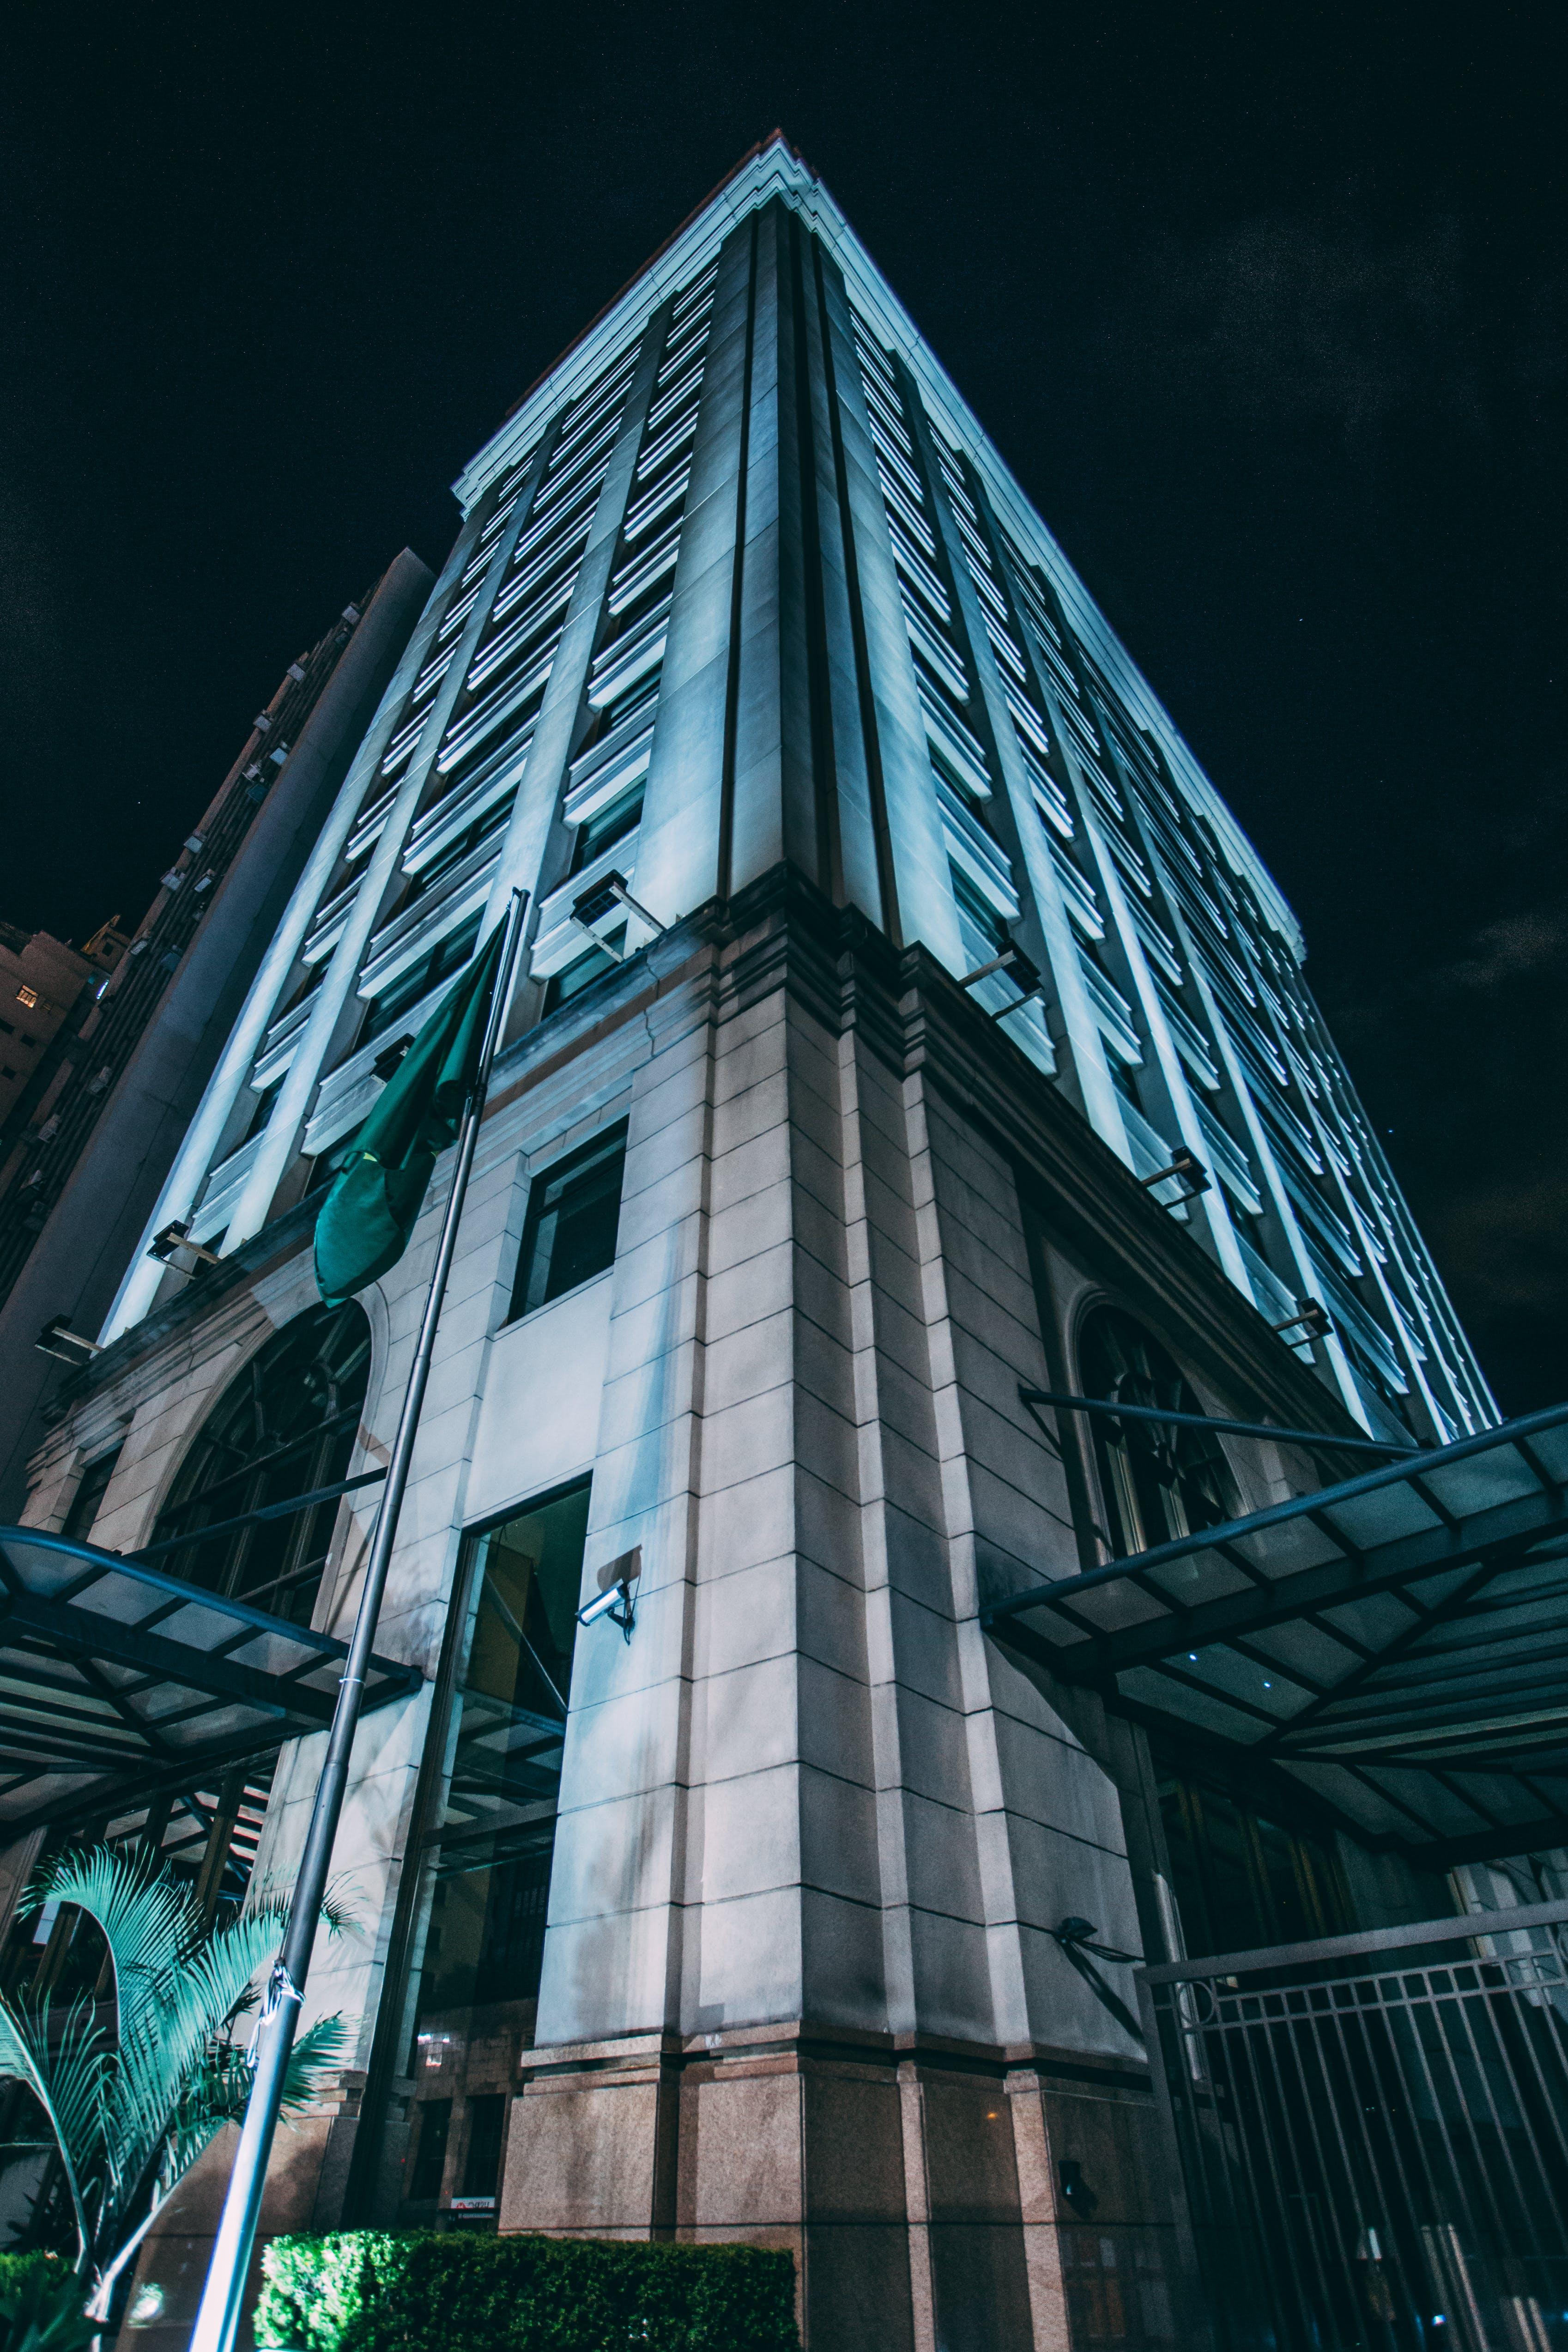 Kostenloses Stock Foto zu architektur, architekturdesign, aufnahme von unten, fenster